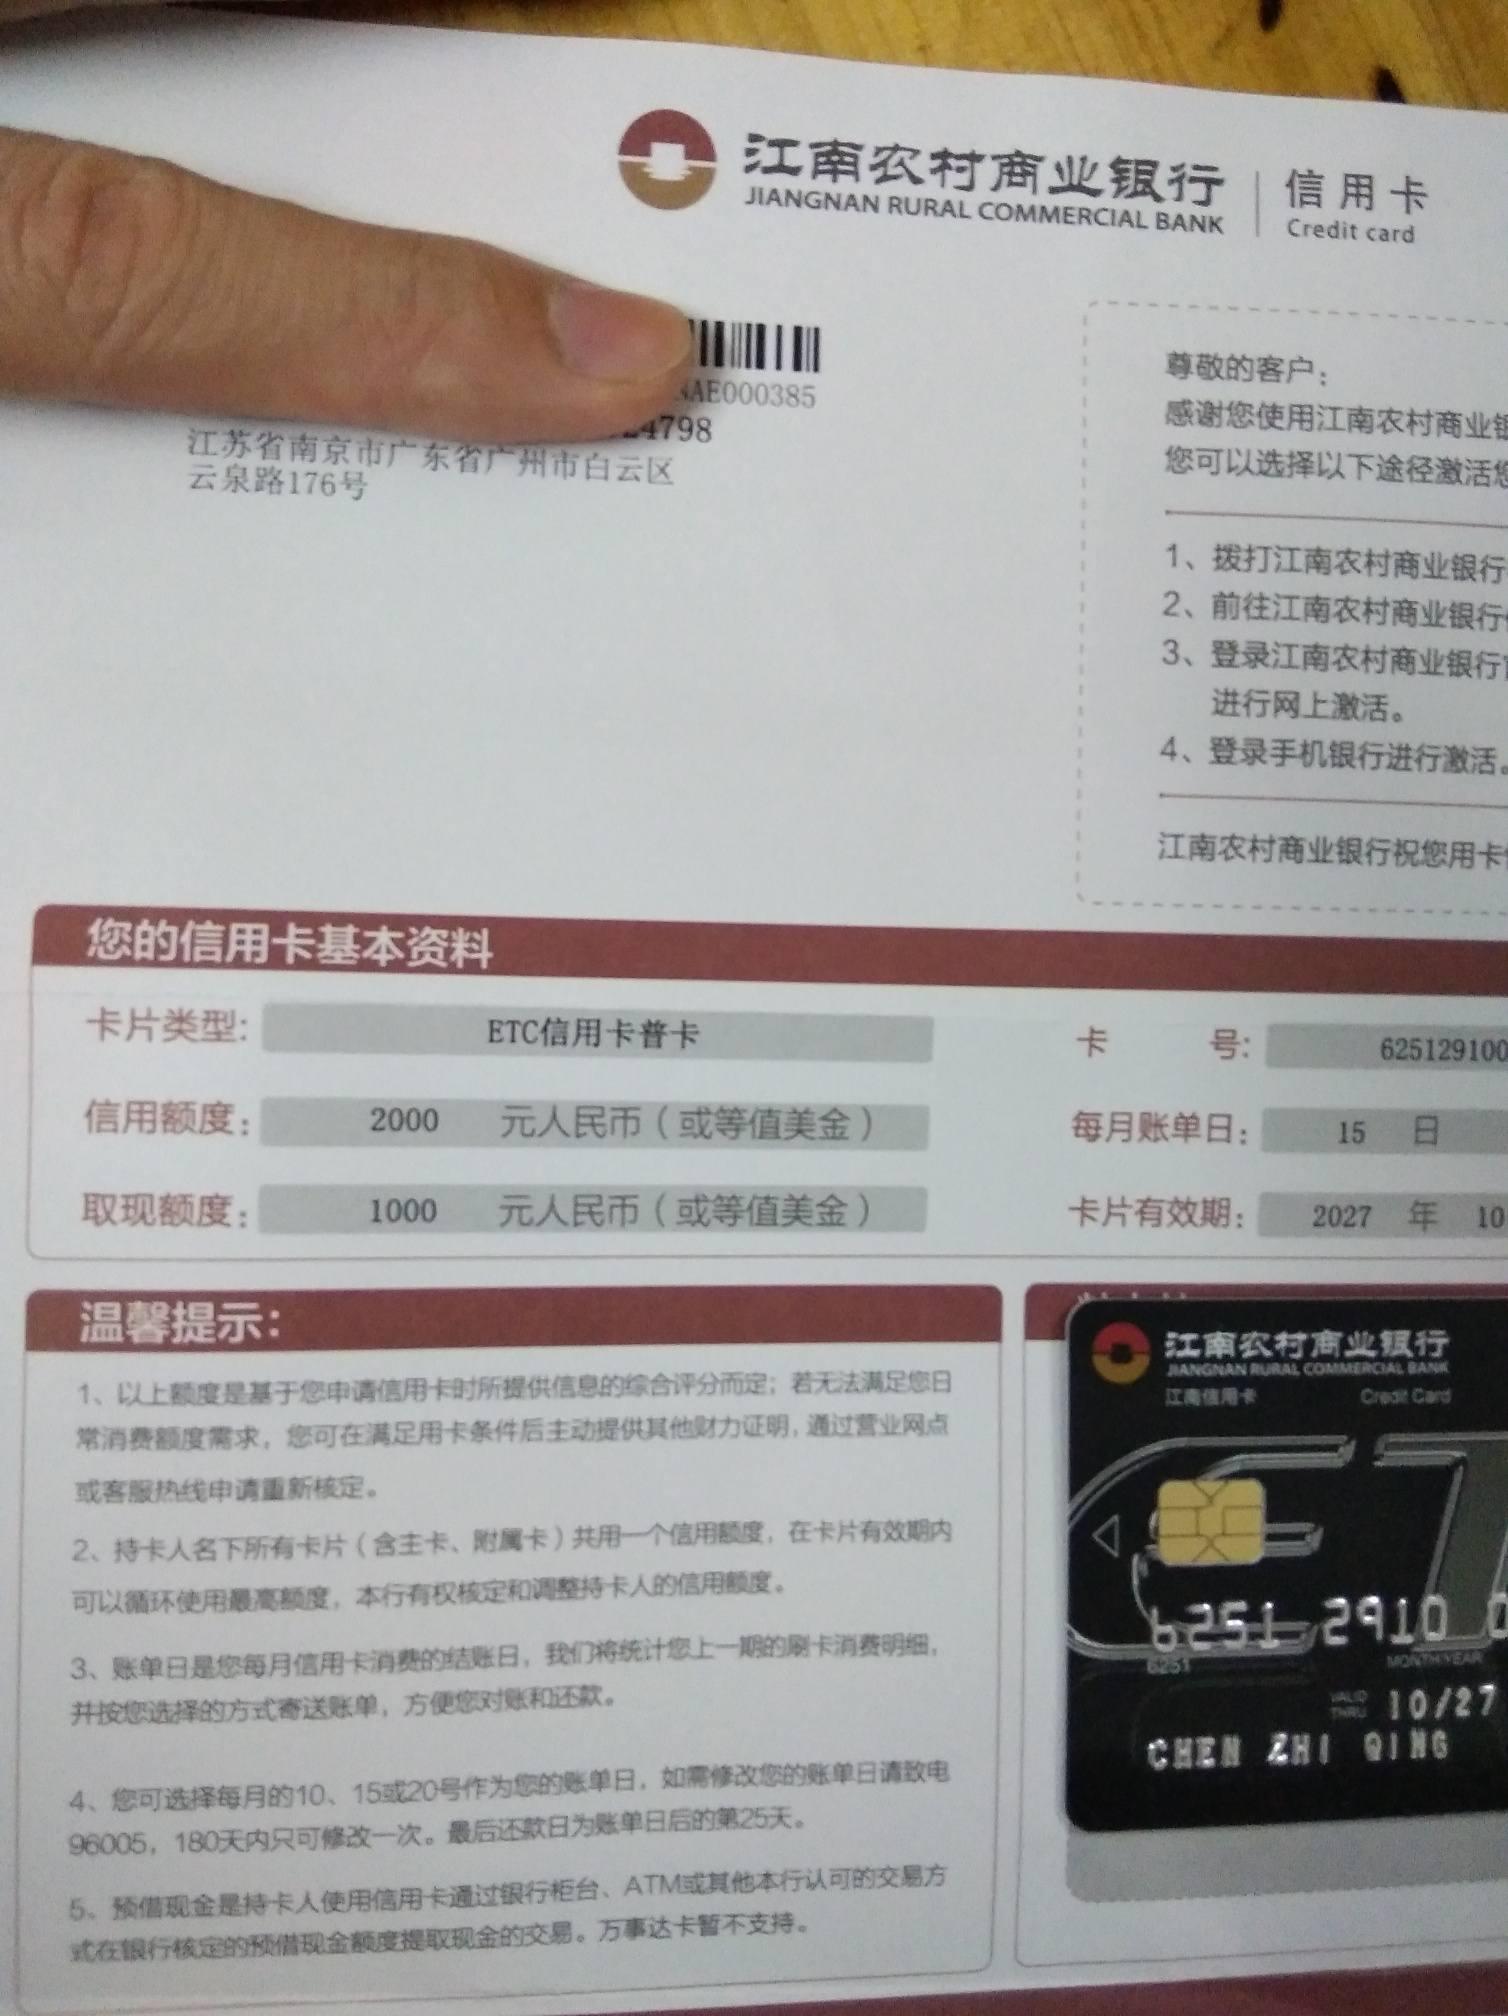 12号申请江南到了 其他银行信用卡